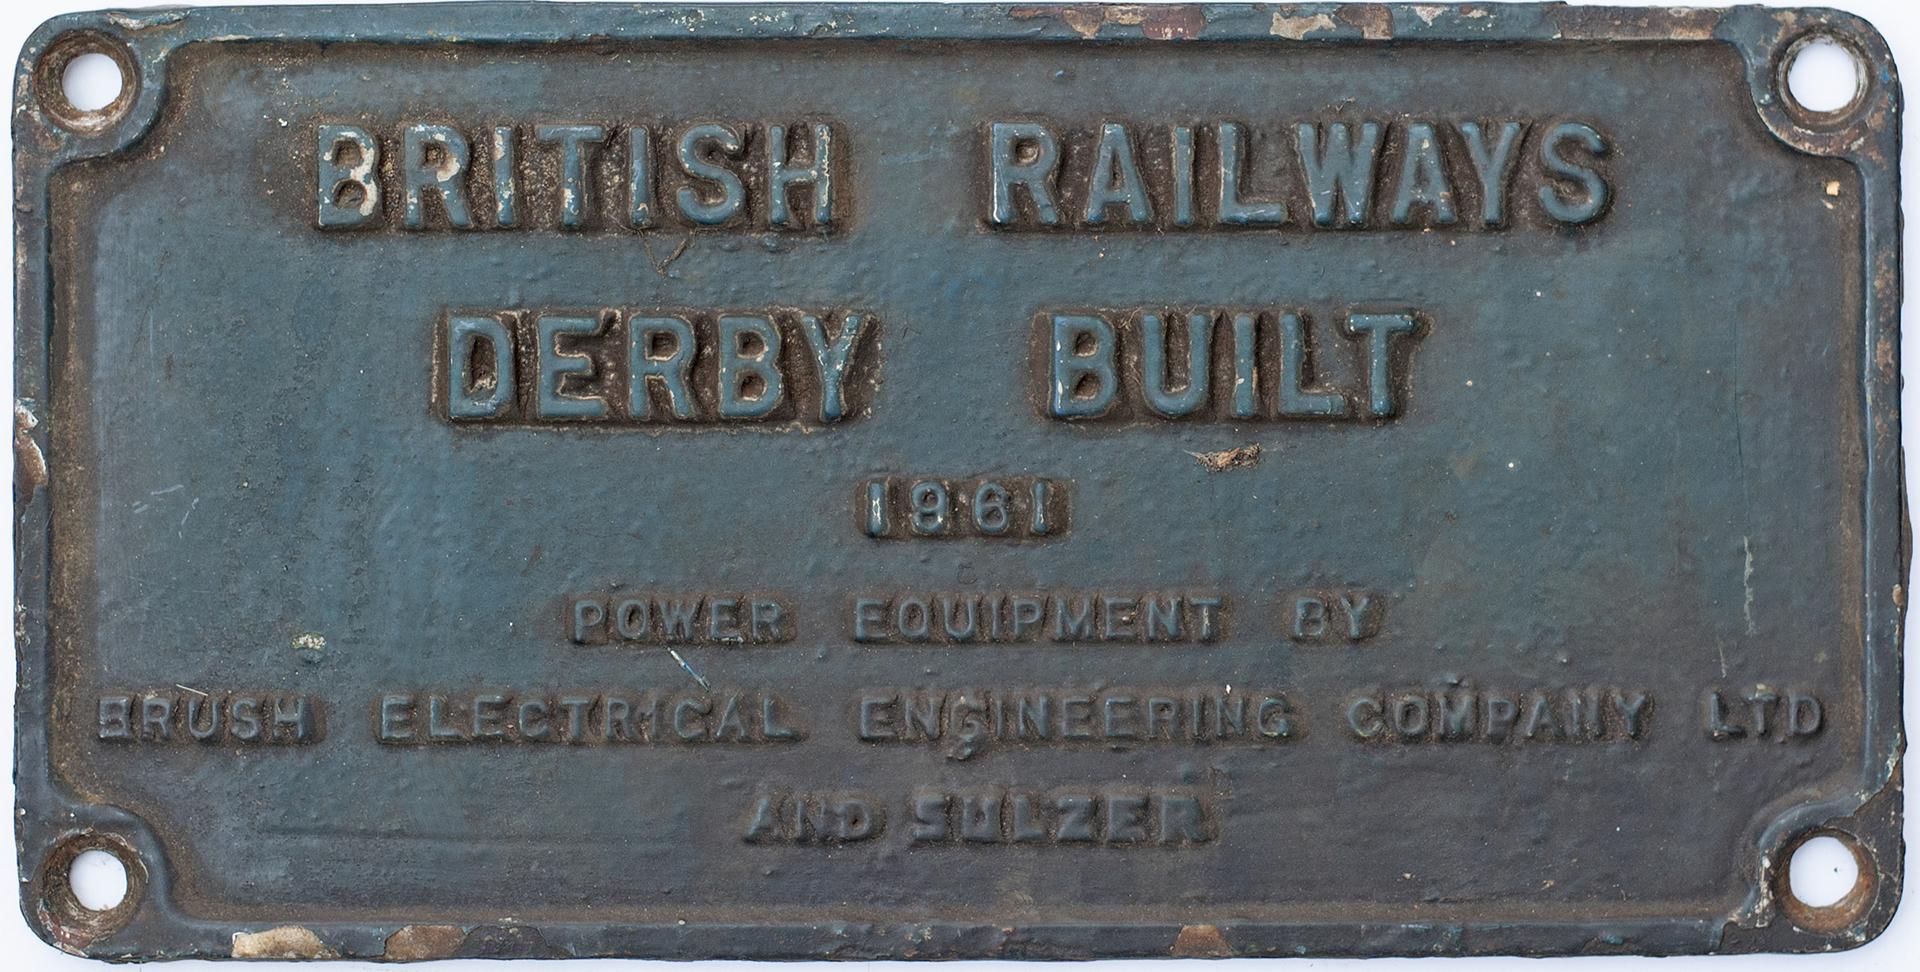 Worksplate BRITISH RAILWAYS DERBY BUILT 1961 POWER